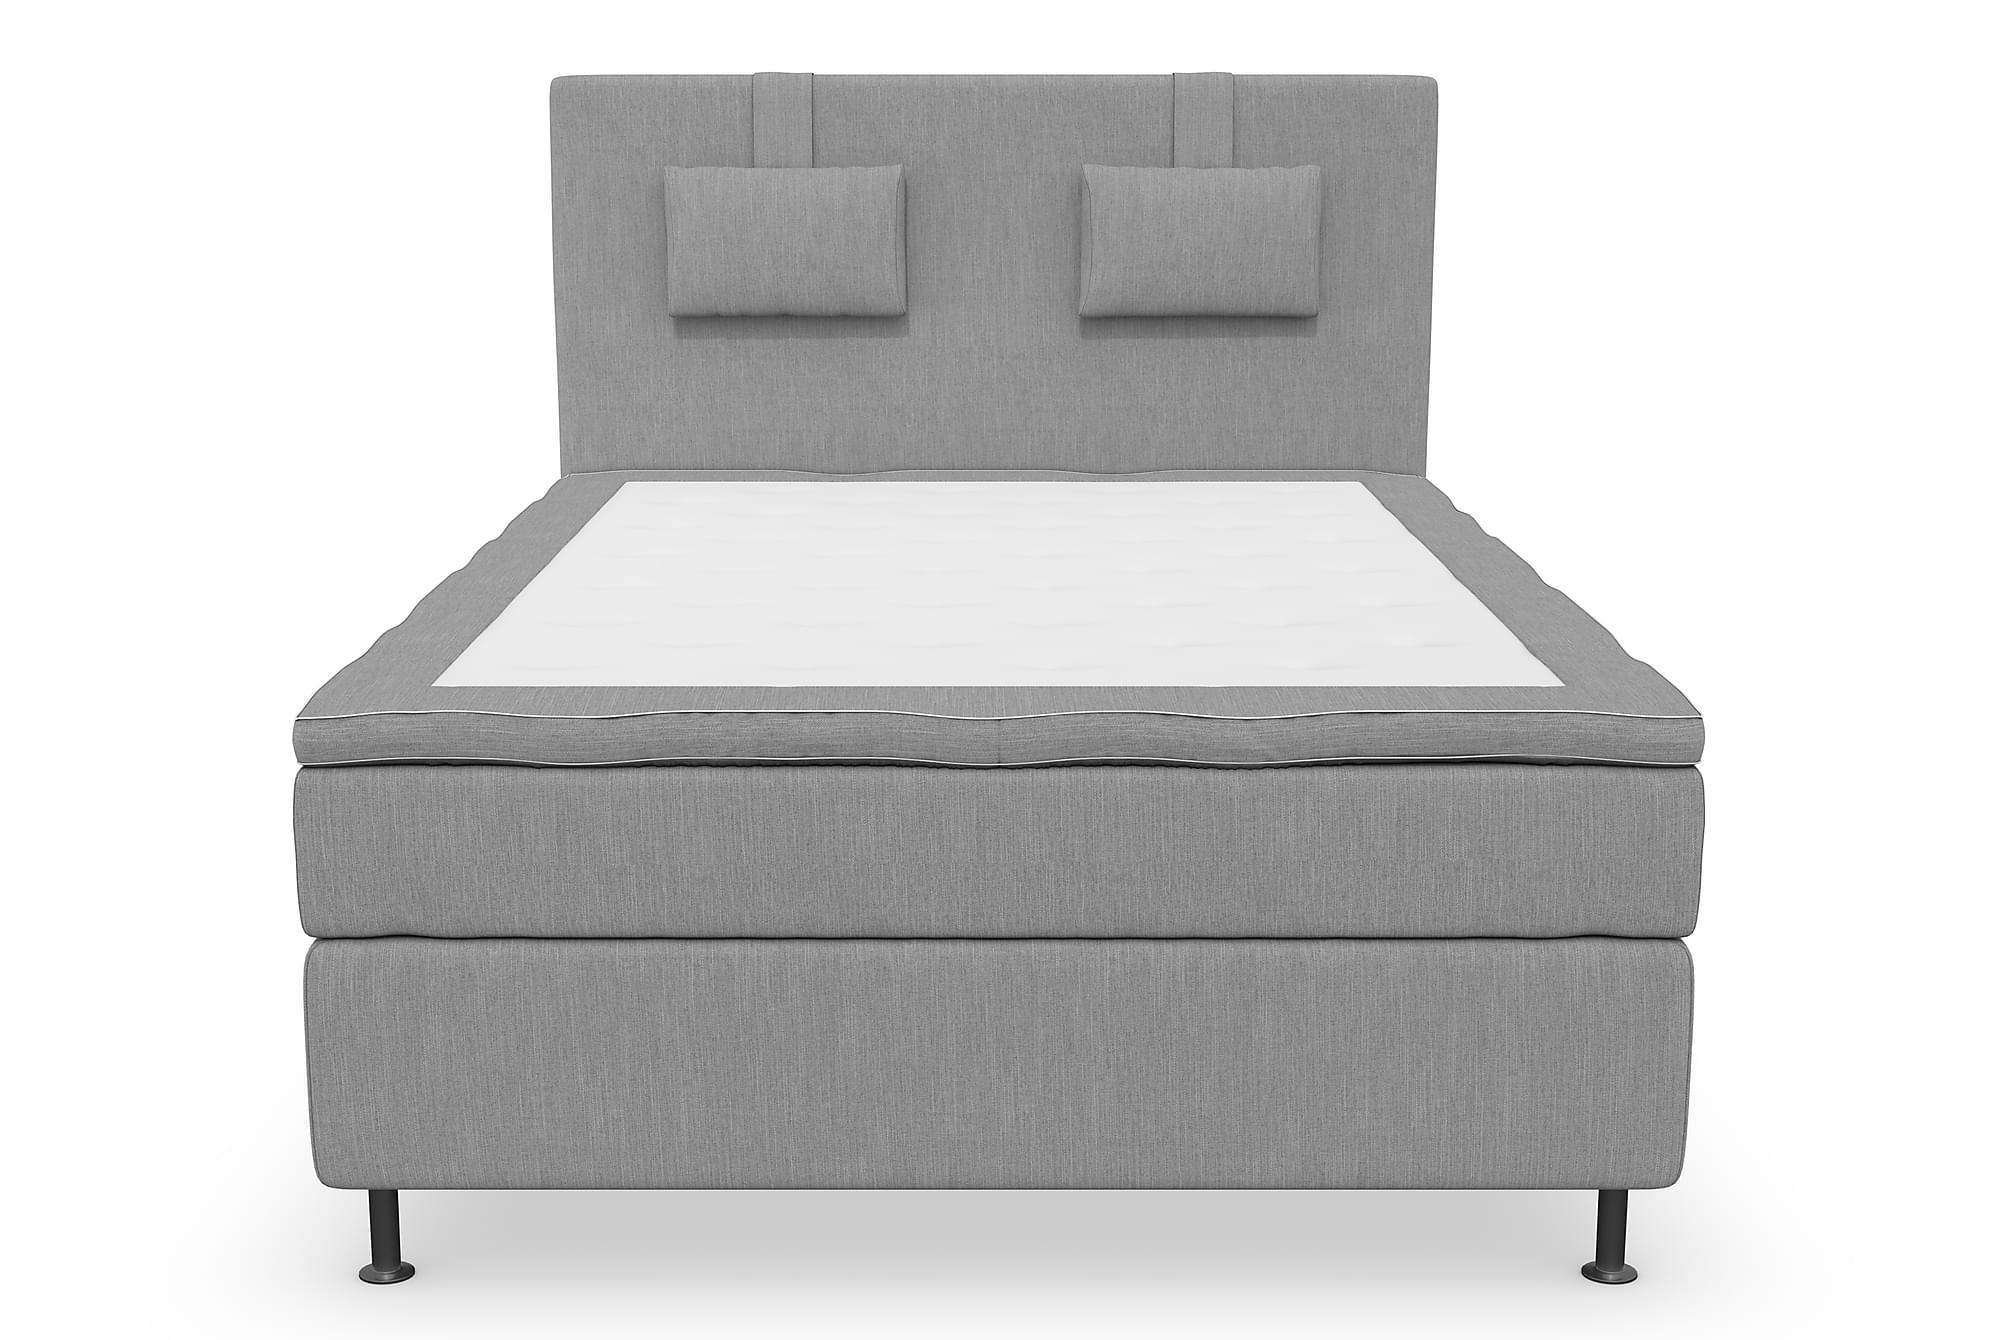 RANGER Kontinentalsäng – Sängpaket 120 Ljusgrå